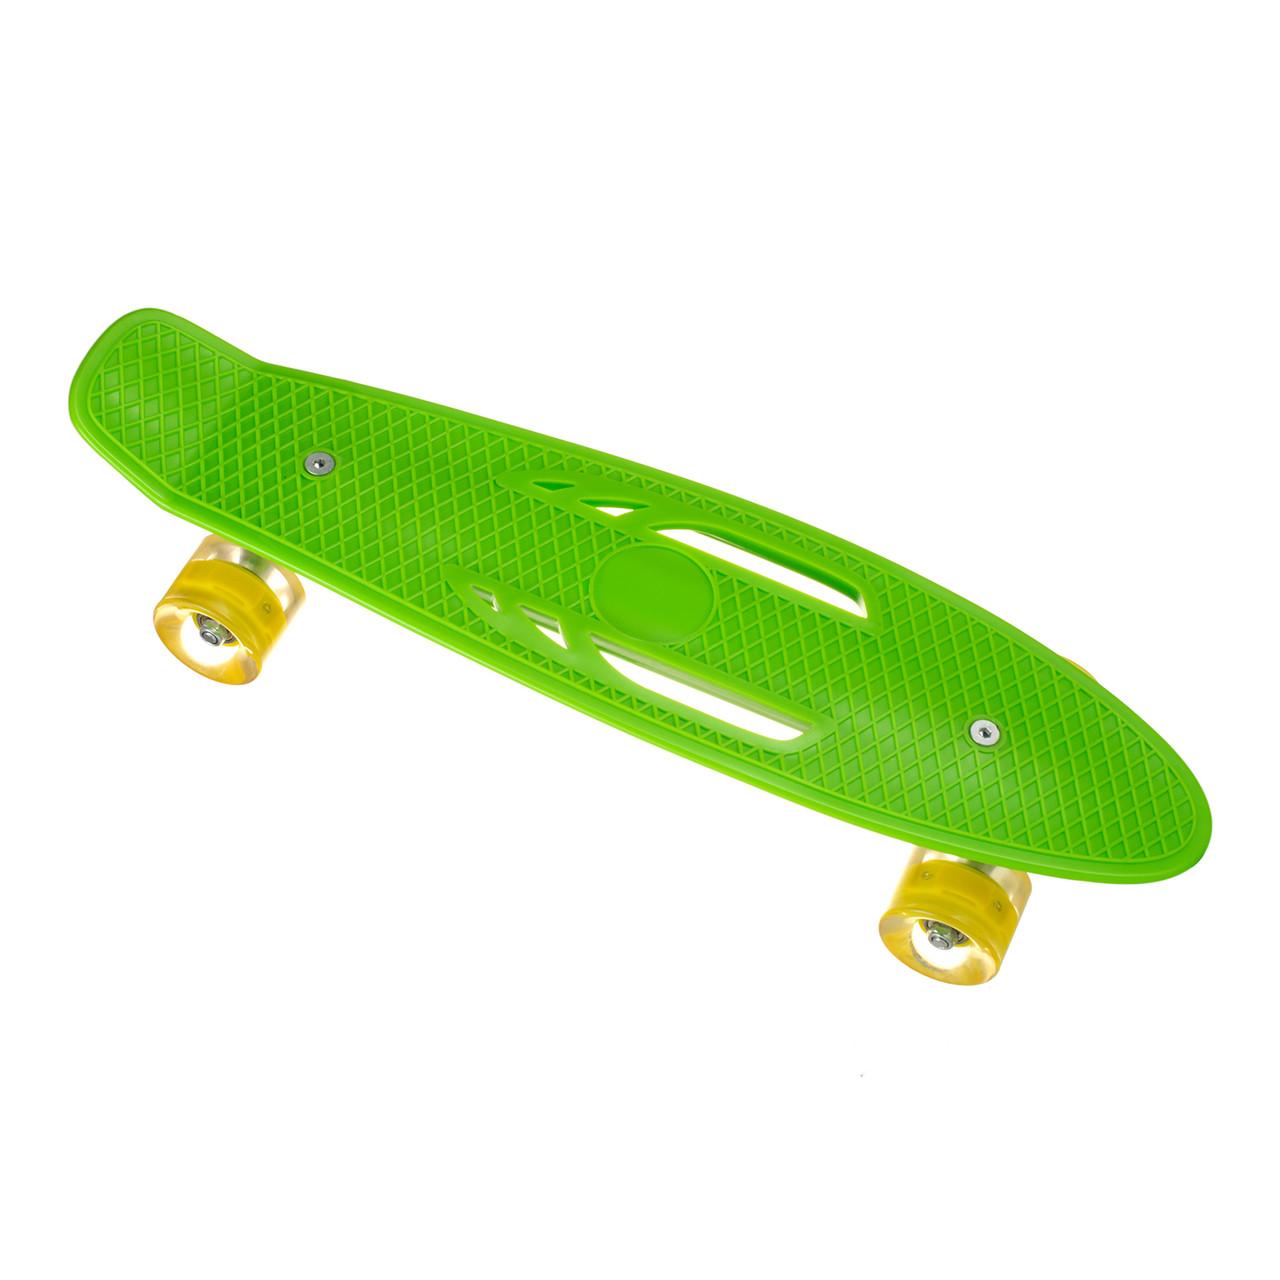 Пенниборд-скейт S206, дека з ручкою, колеса PU СВІТЯТЬСЯ